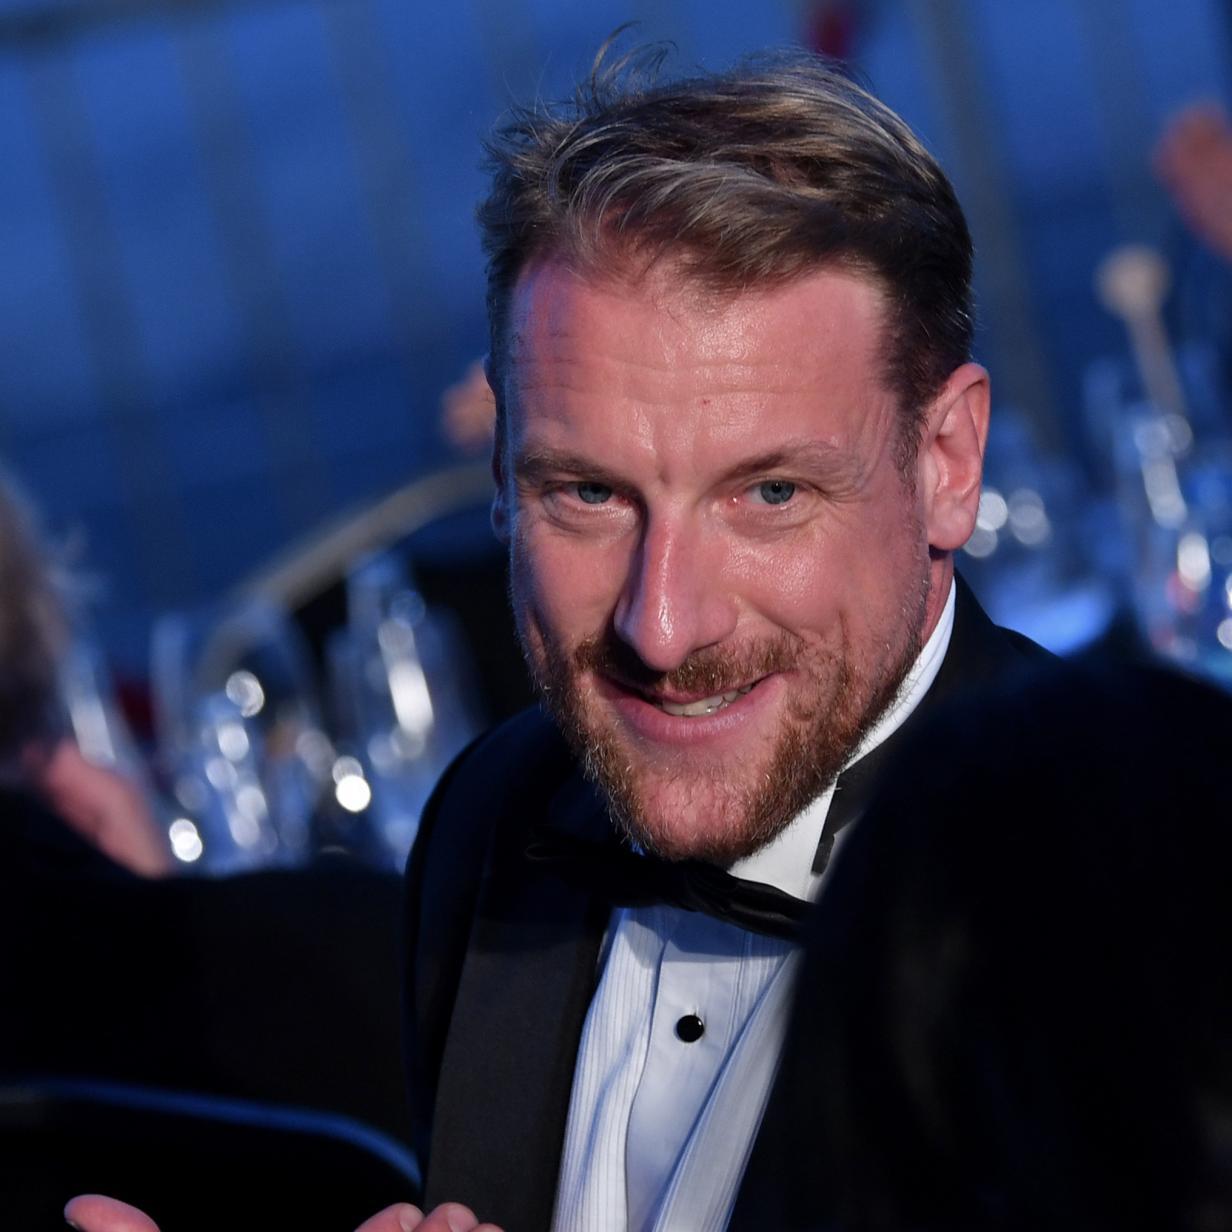 Groissbock Erklart Absage Fur Den Wotan In Bayreuth Eisdecke Zu Dunn Kurier At